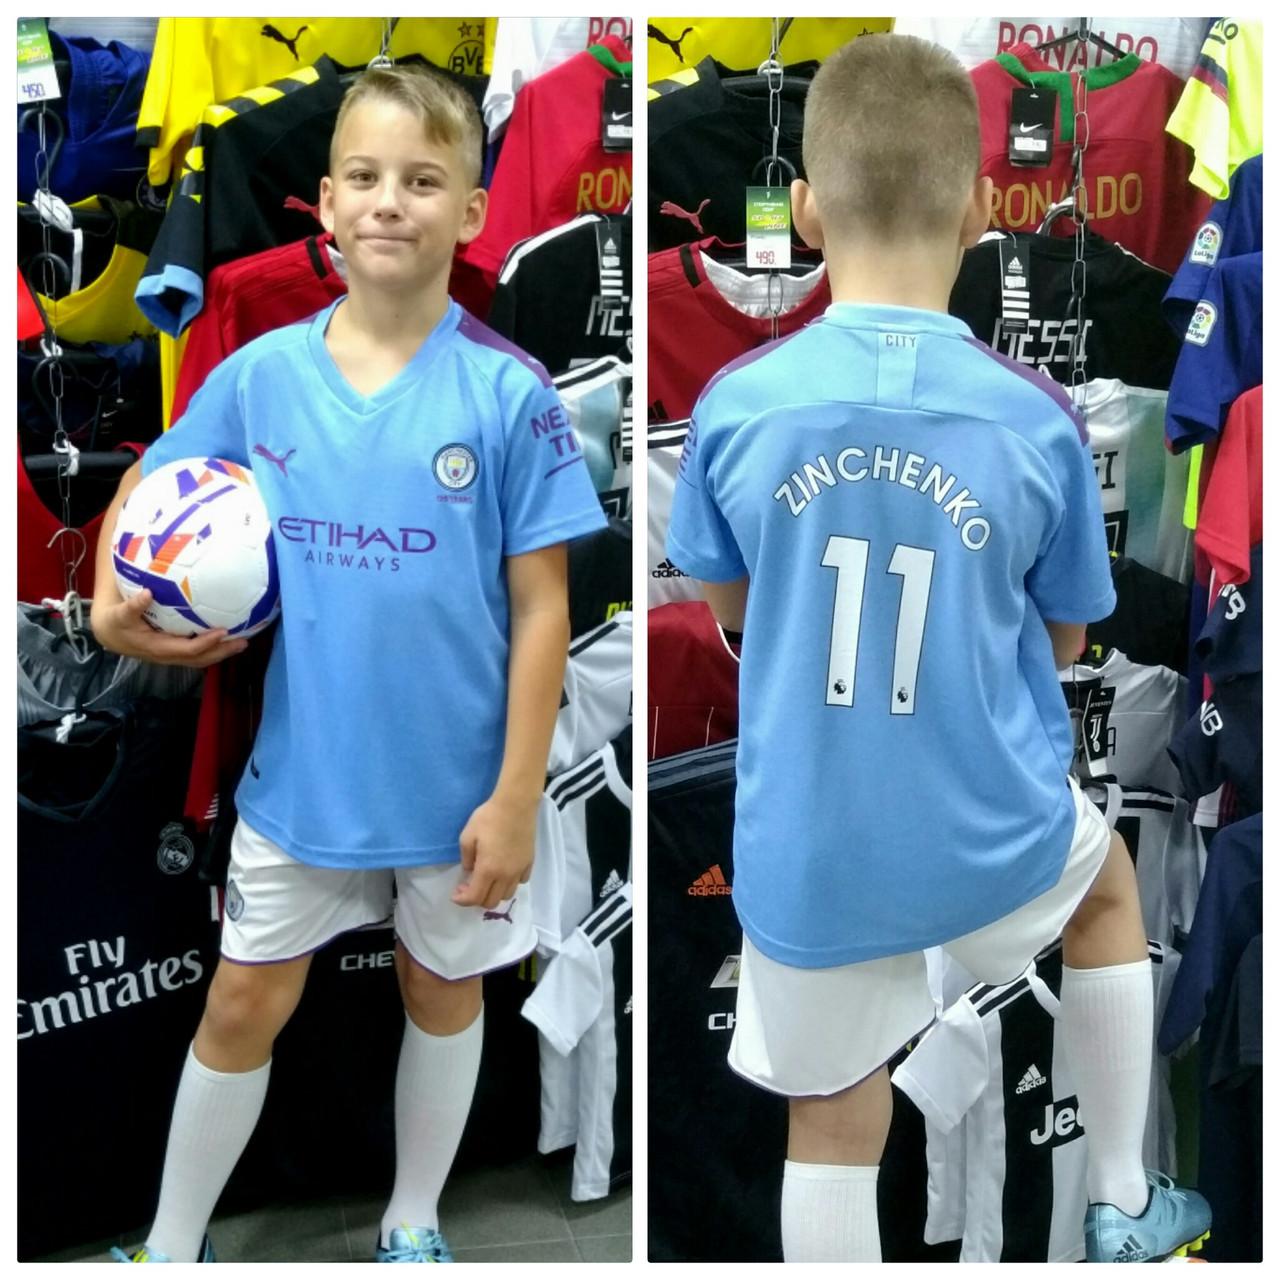 Детская футбольная форма ФК Манчестер Сити Зинченко 2019-2020 г